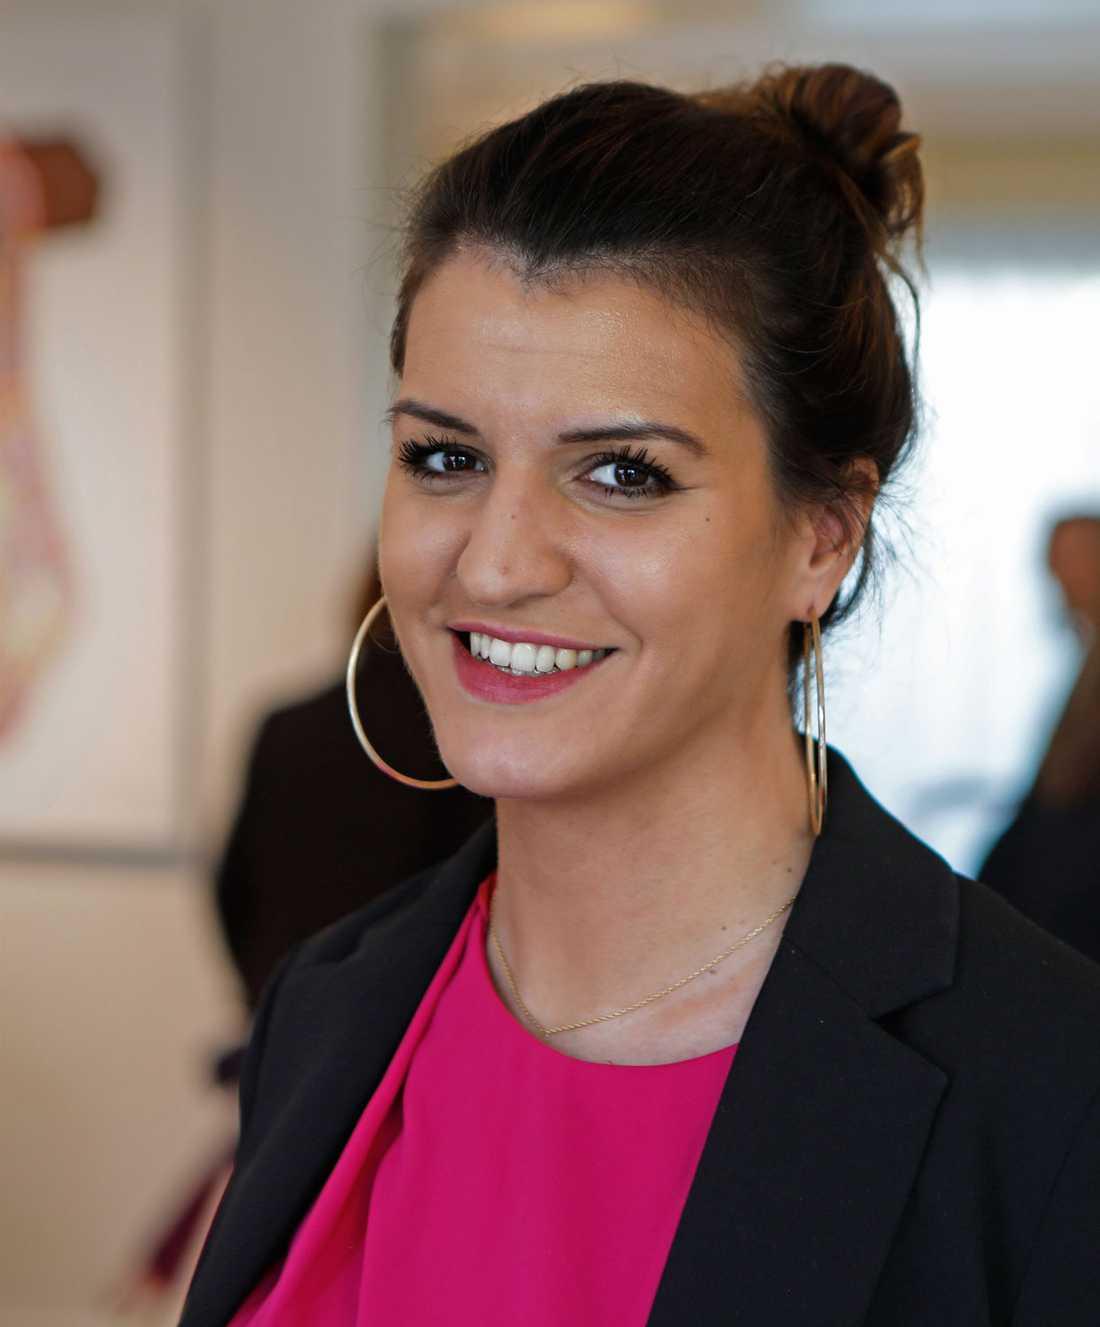 """Frankrikes jämställdhetsminister Marlène Schiappa har ögonen på den svenska modellen för jämställdhet. """"Vi har en kulturellt fajt att ta och vi vill se hur vi kan sprida den här kulturen som lyckats i Sverige."""""""